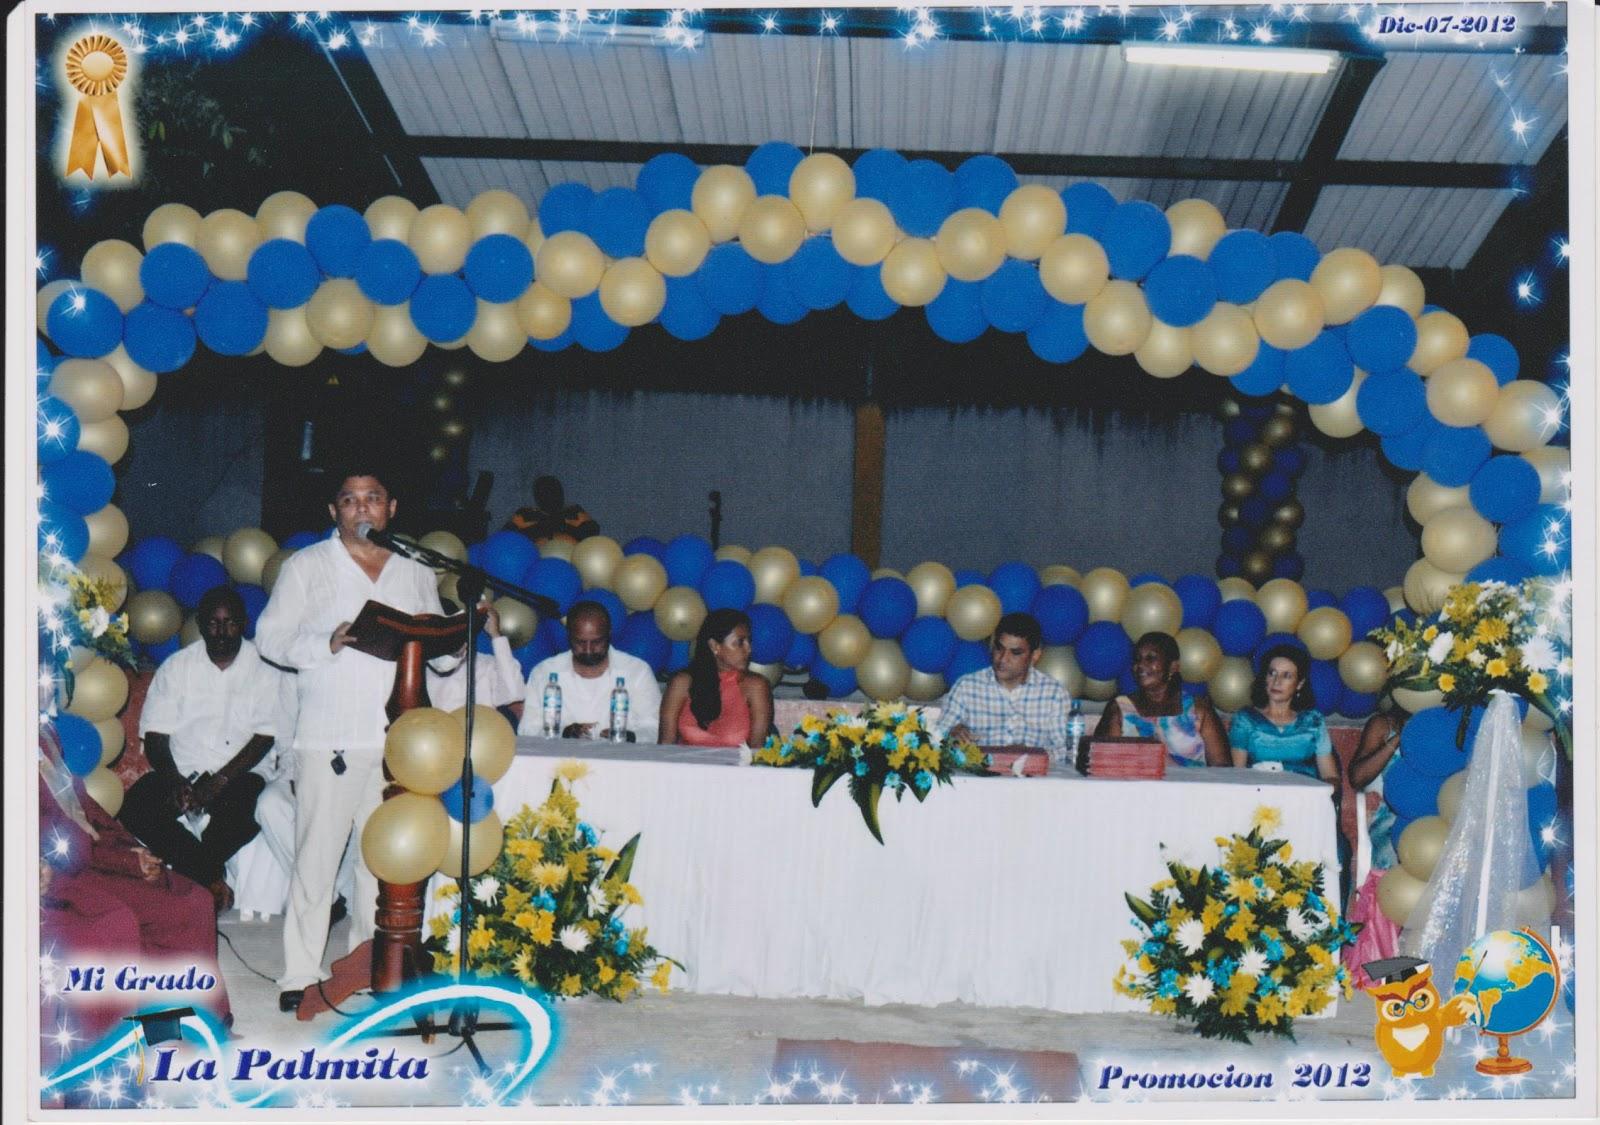 Decoracion Graduacion Bachiller ~ Decoracion Graduacion Universitaria